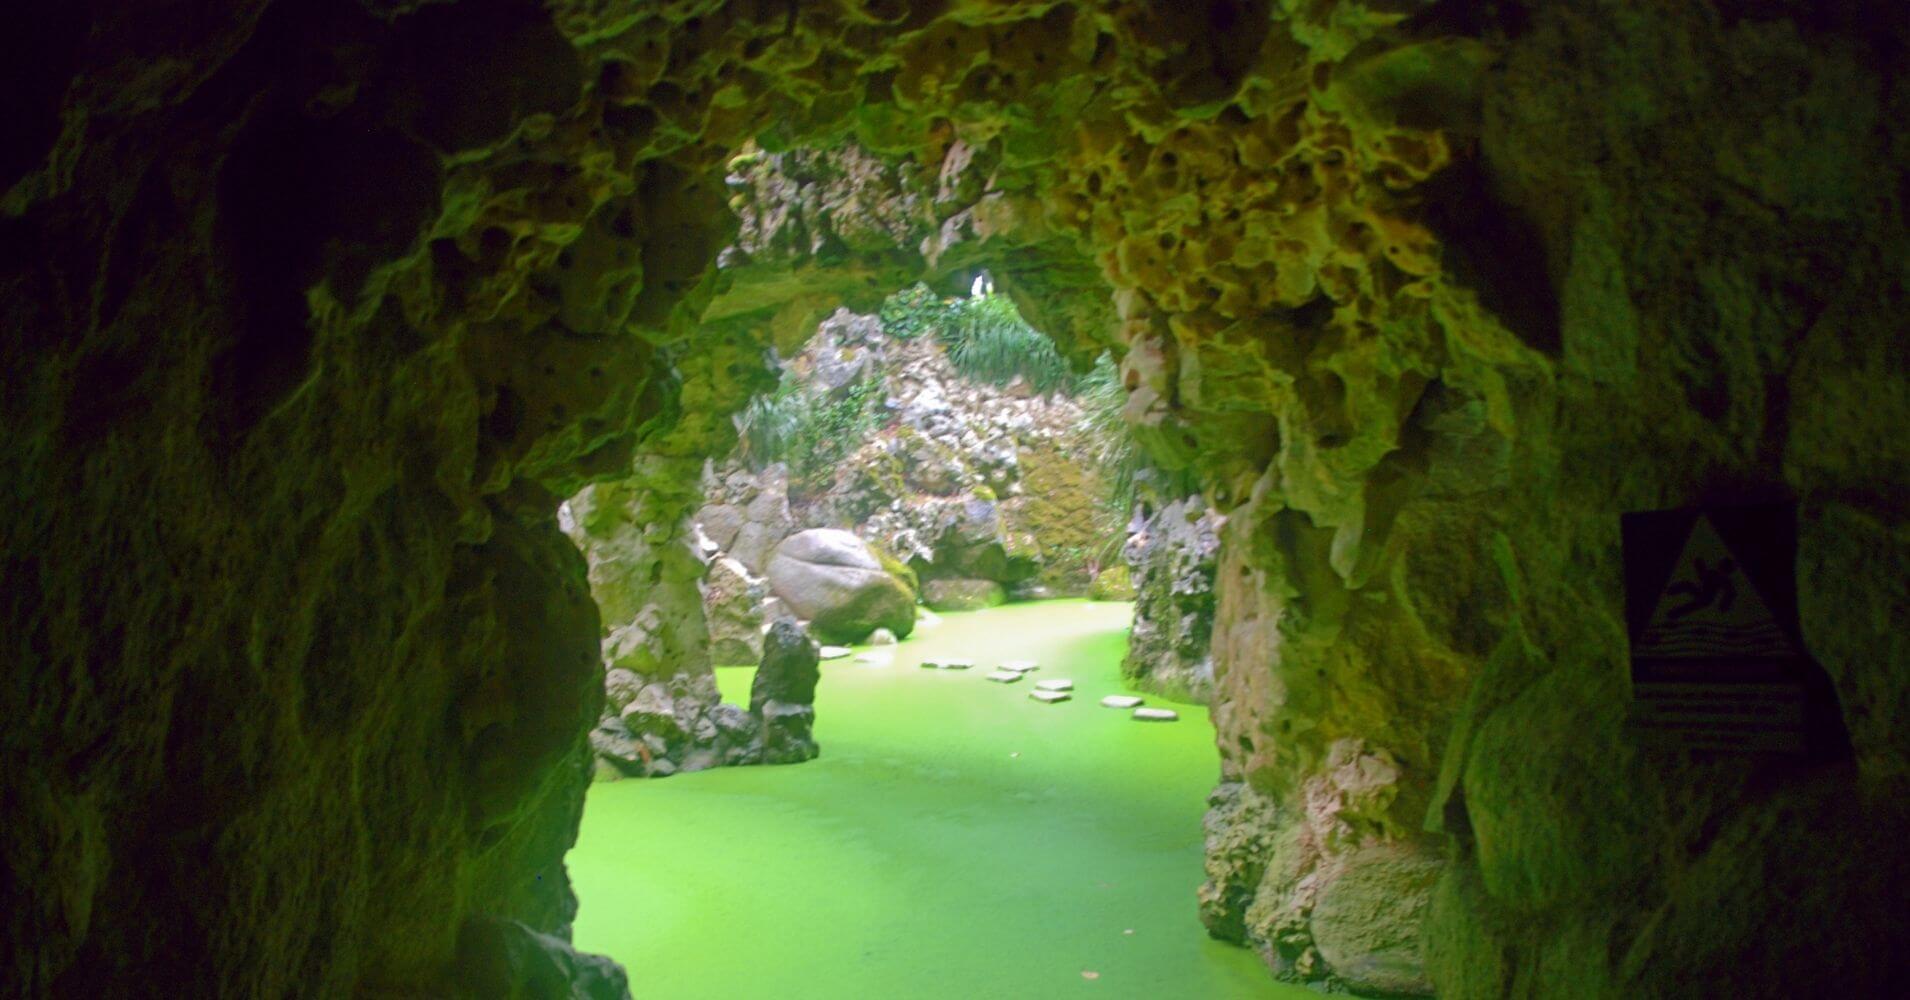 Gruta Leda, Cuevas y Pasadizos Secretos de La Quinta da Regaleira. Sintra, Portugal.